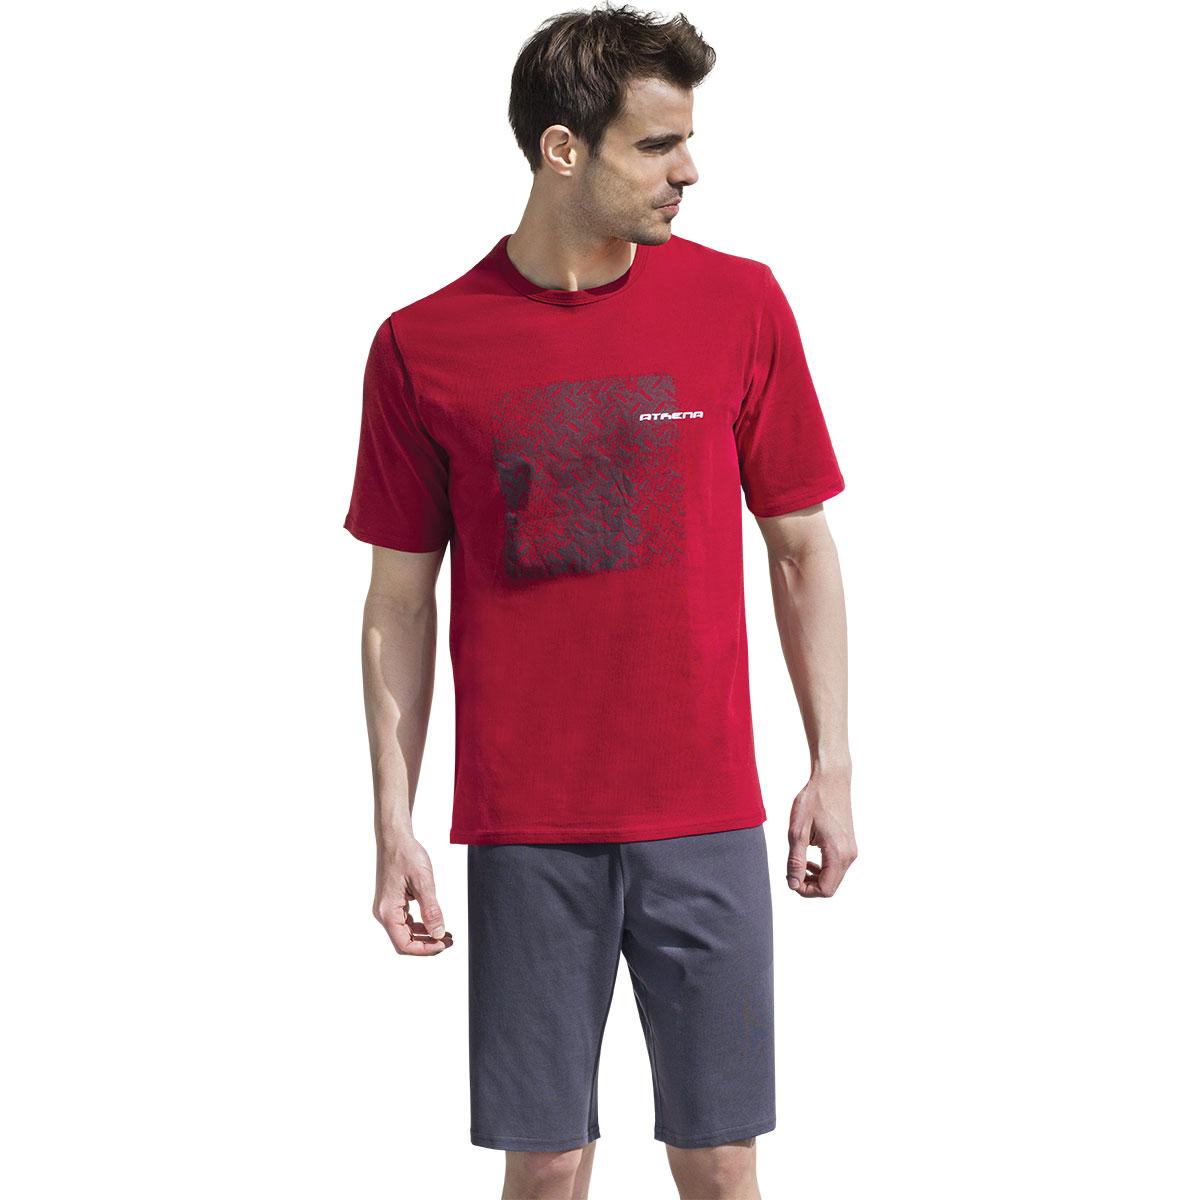 Pyjama homme court Eco Athena. Pyjama homme court col rond ATHENA rouge et anthracite  Ce pyjashort ATHENA est un vêtement d intérieur &a